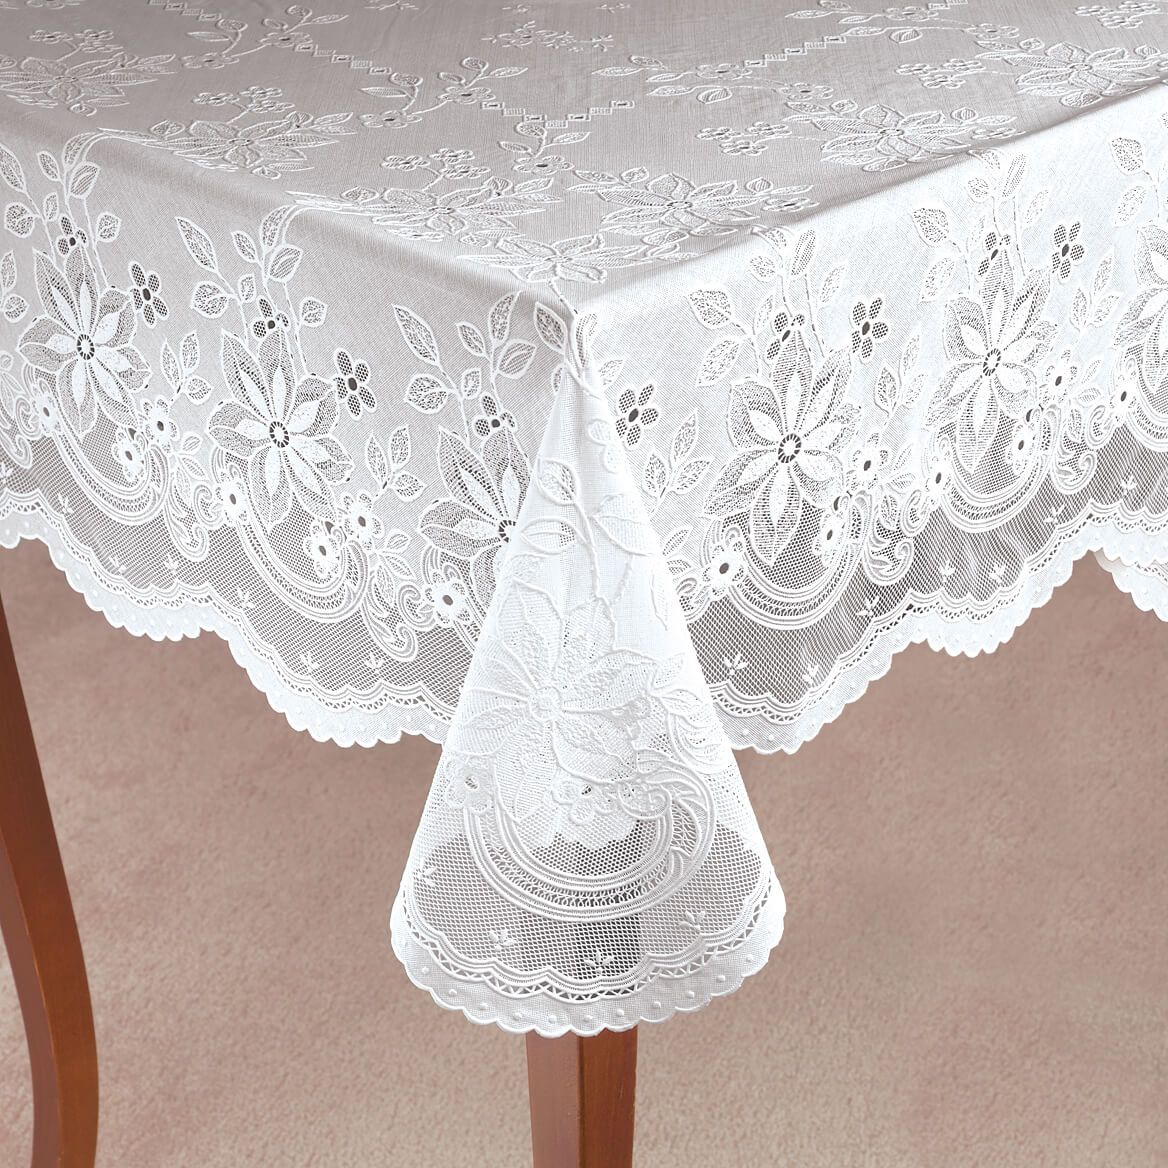 Elegant Floral Vinyl Lace Table Cover-344554